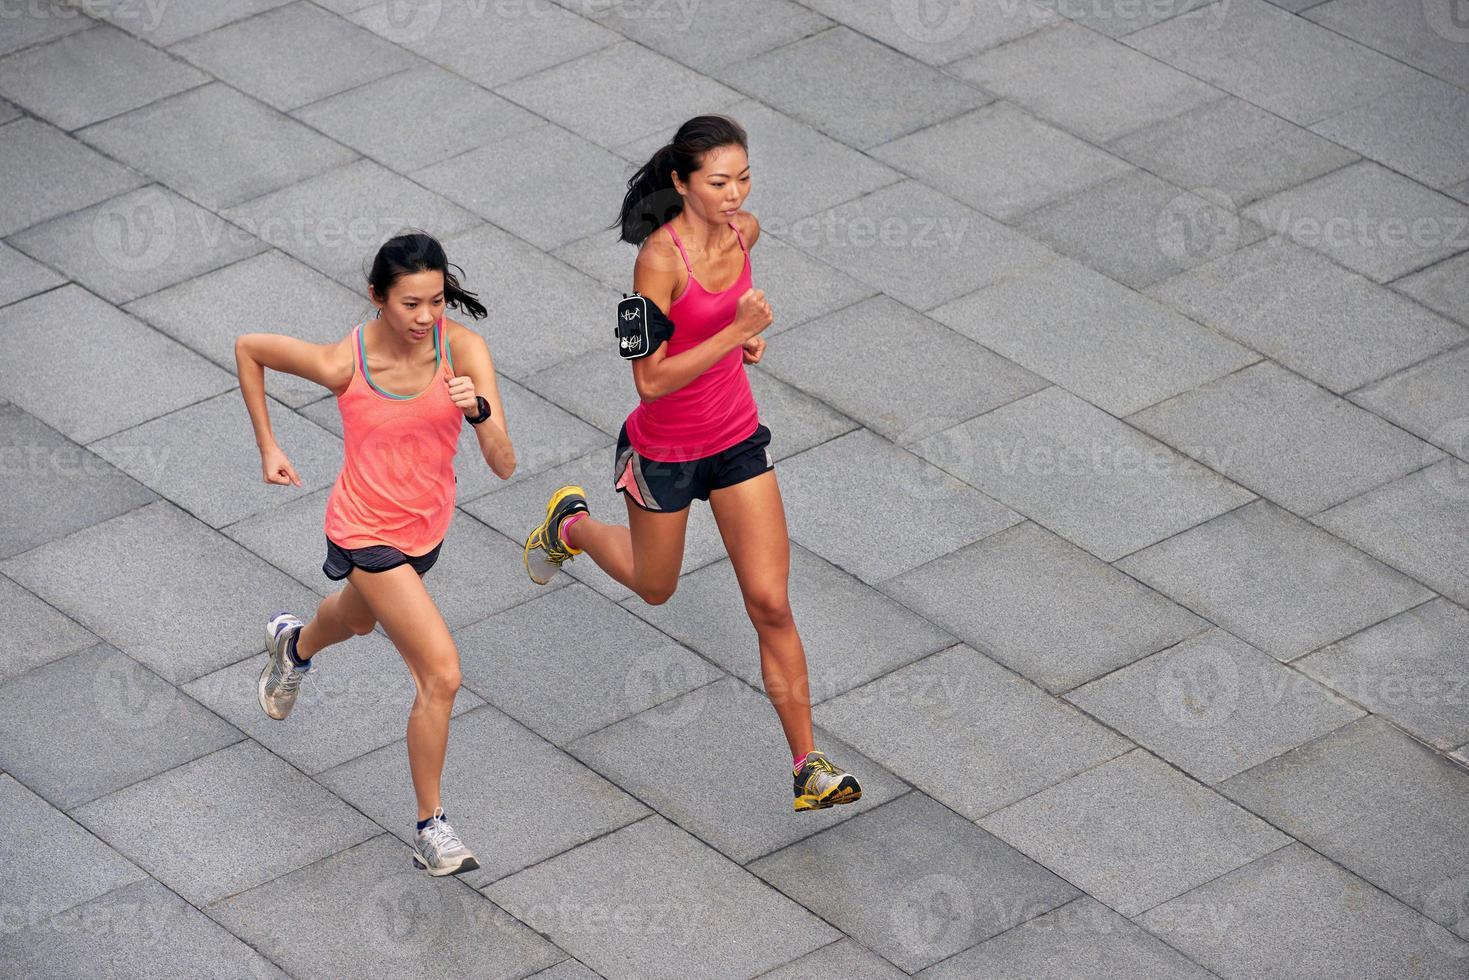 fitness women running photo